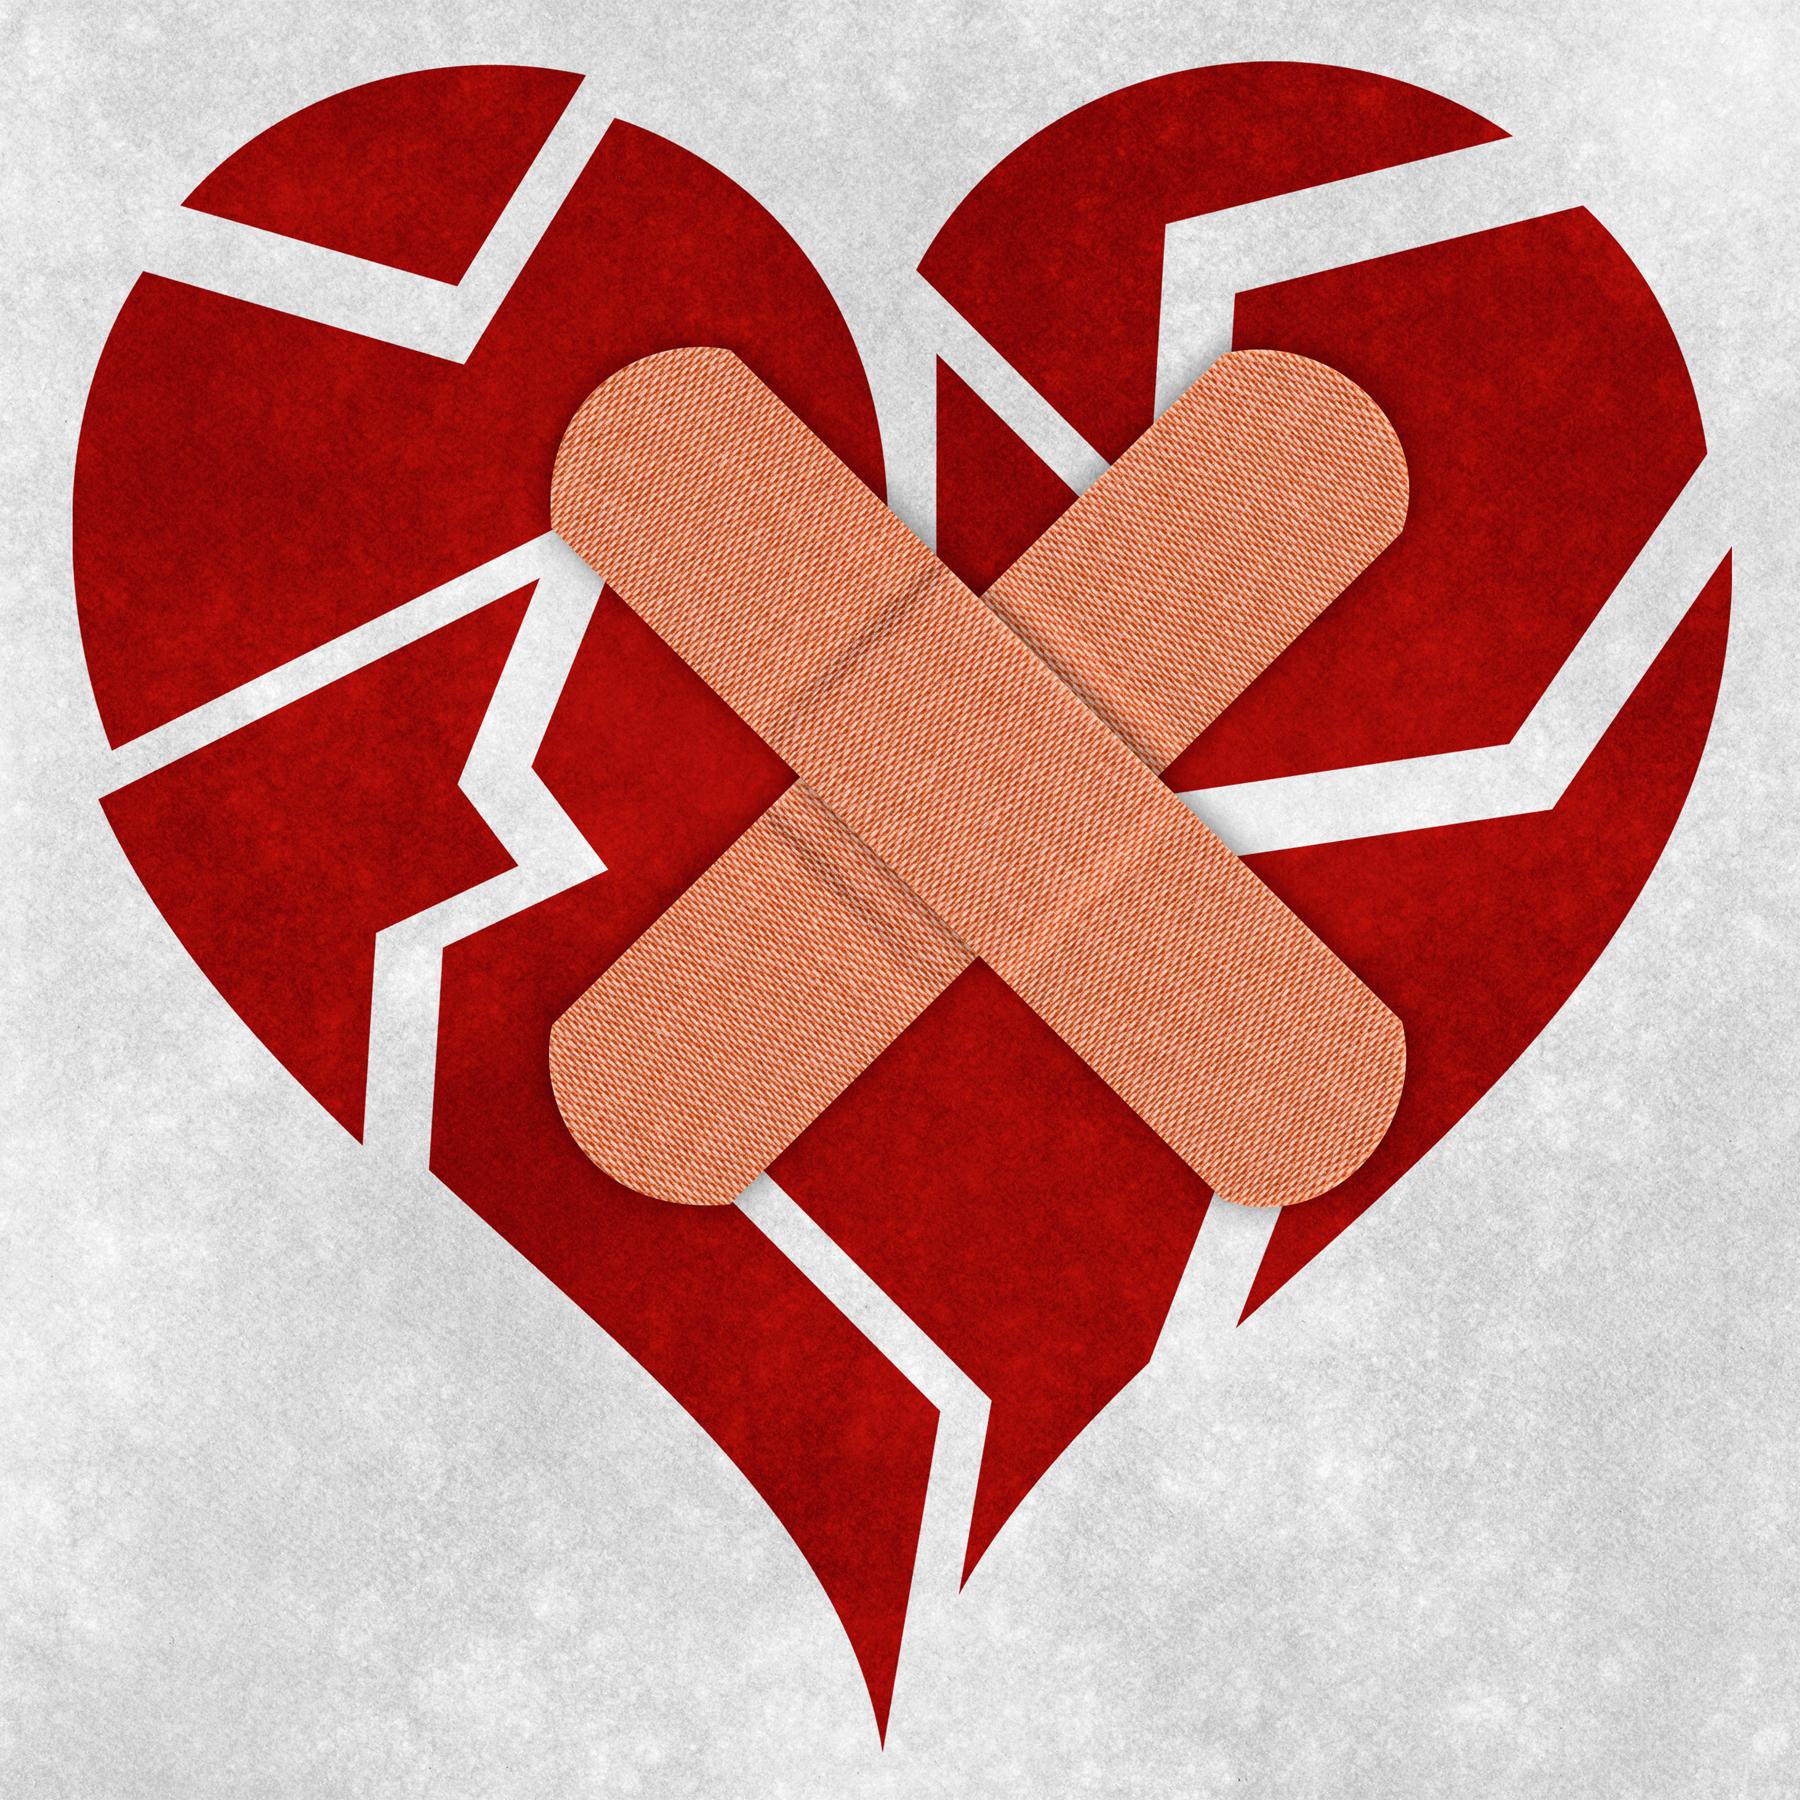 Mending a broken heart photo